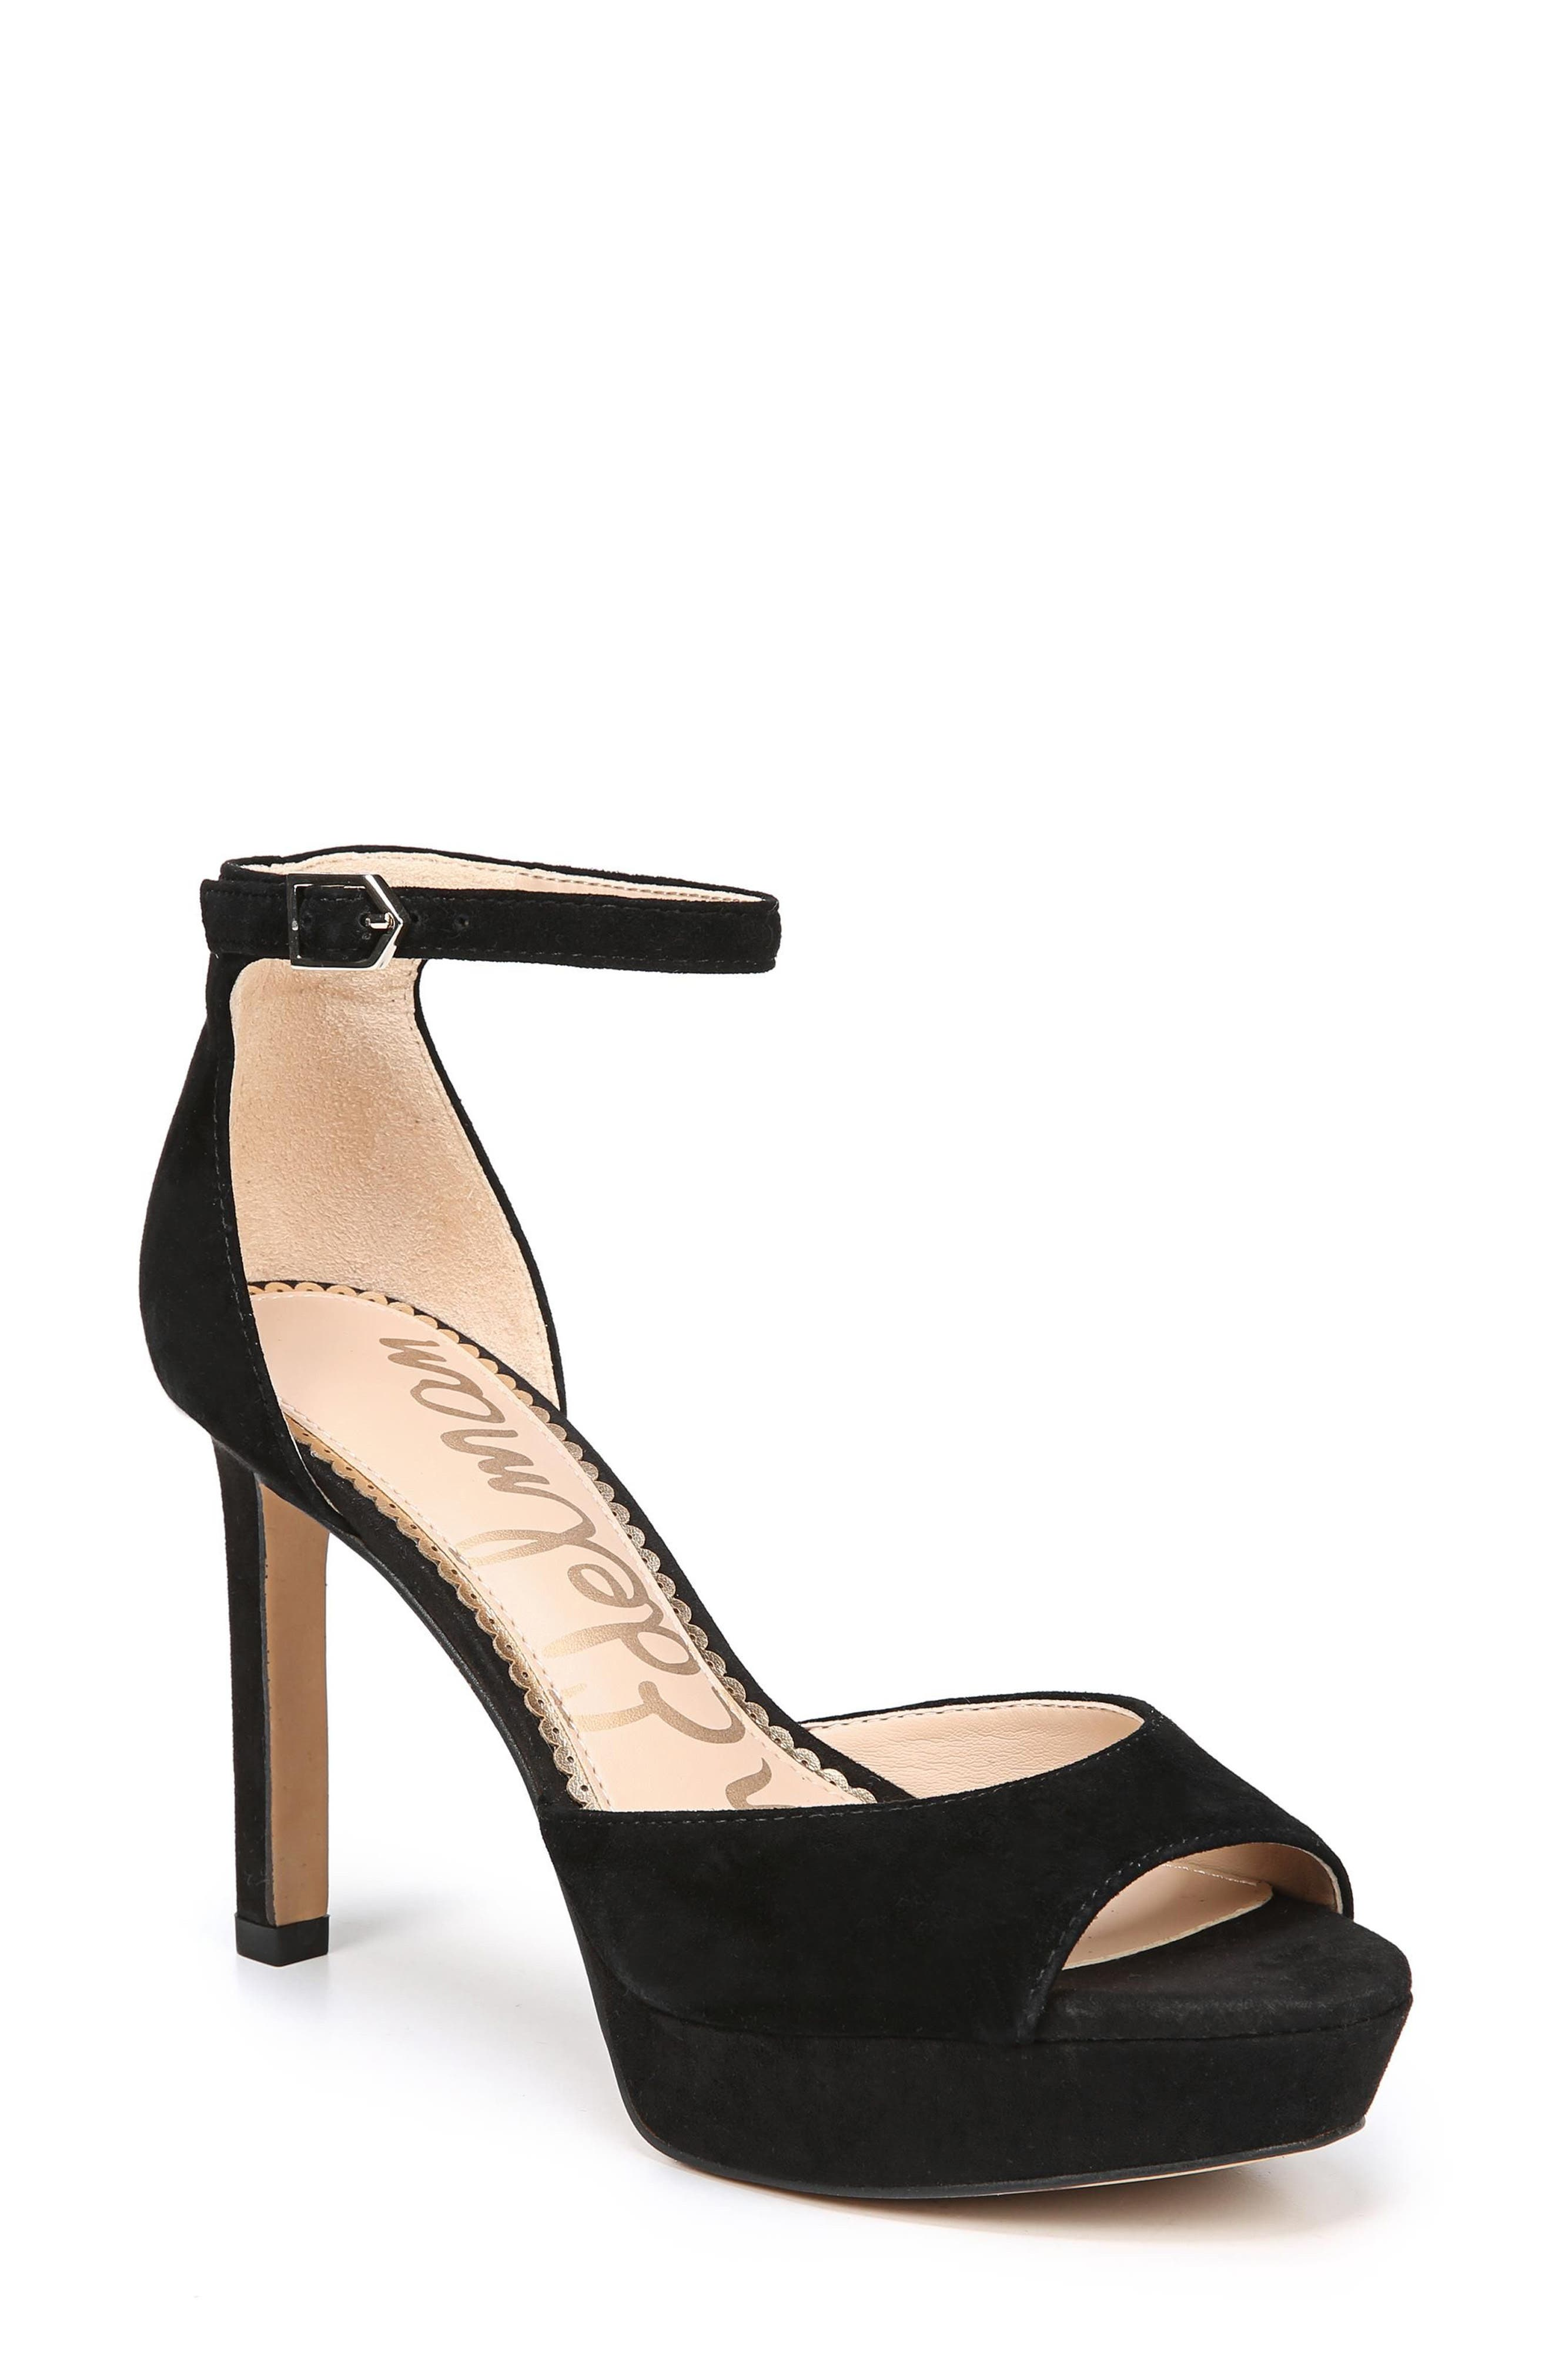 Jerin Platform Sandal,                             Main thumbnail 1, color,                             Black Suede